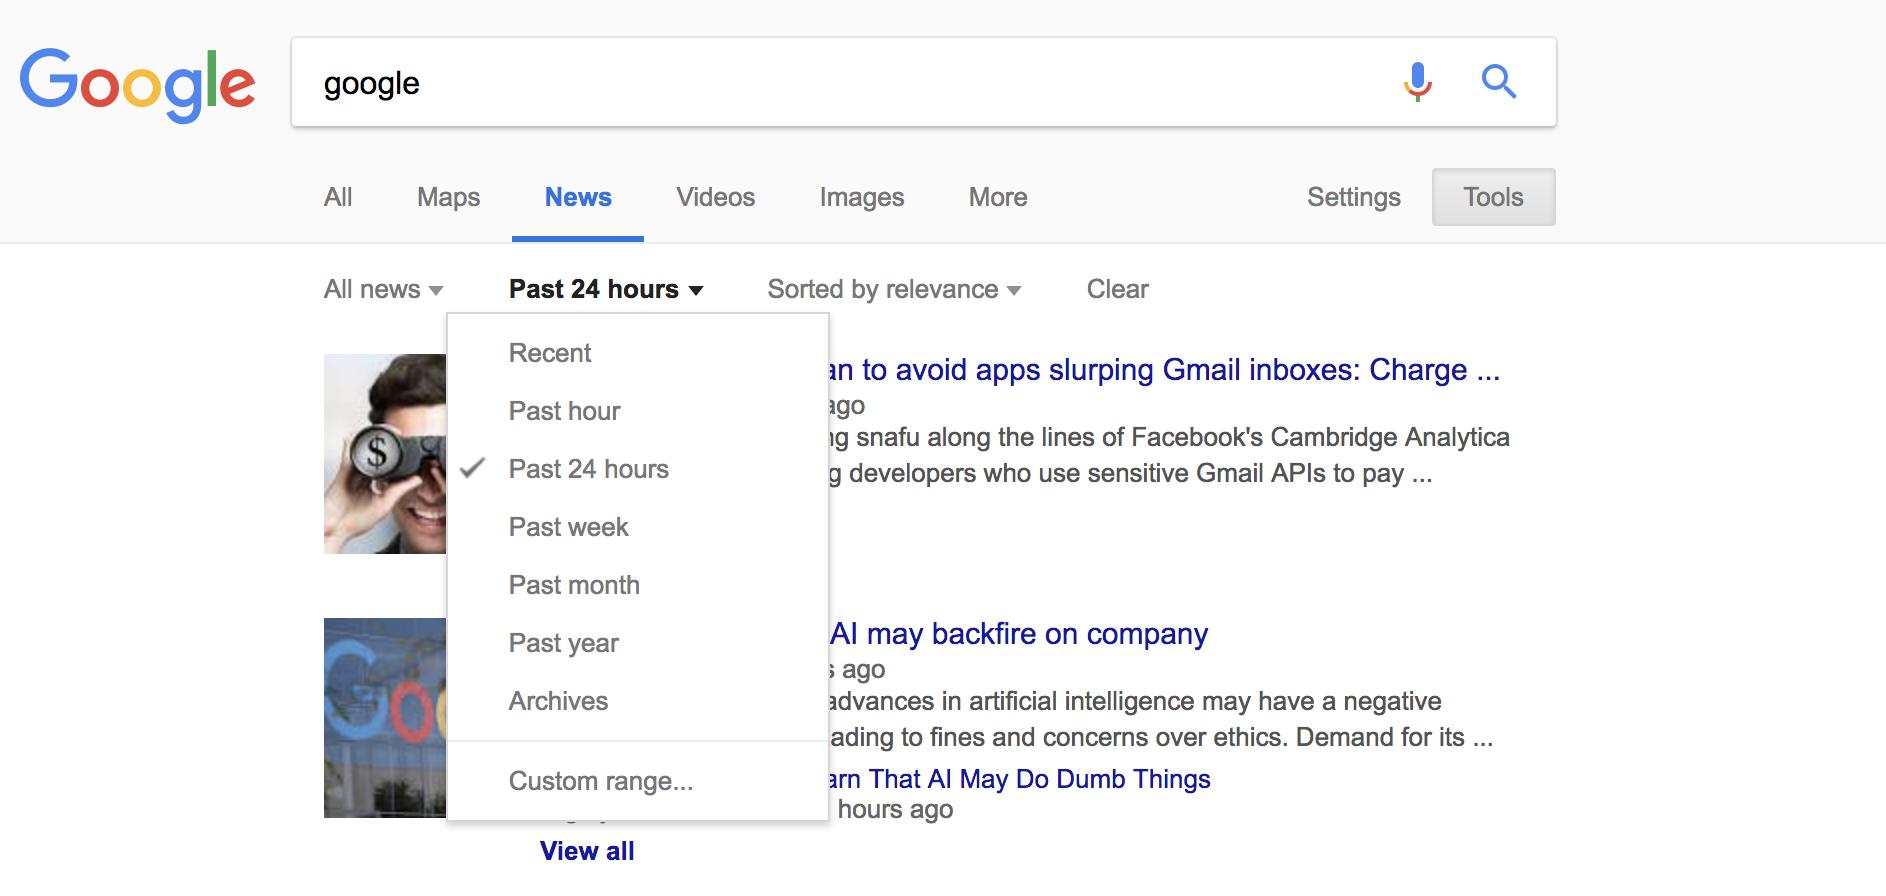 captura de pantalla de Google News filtrada por las últimas 24 horas o la semana pasada, que se utilizará al encontrar contenido relevante para la creación de enlaces